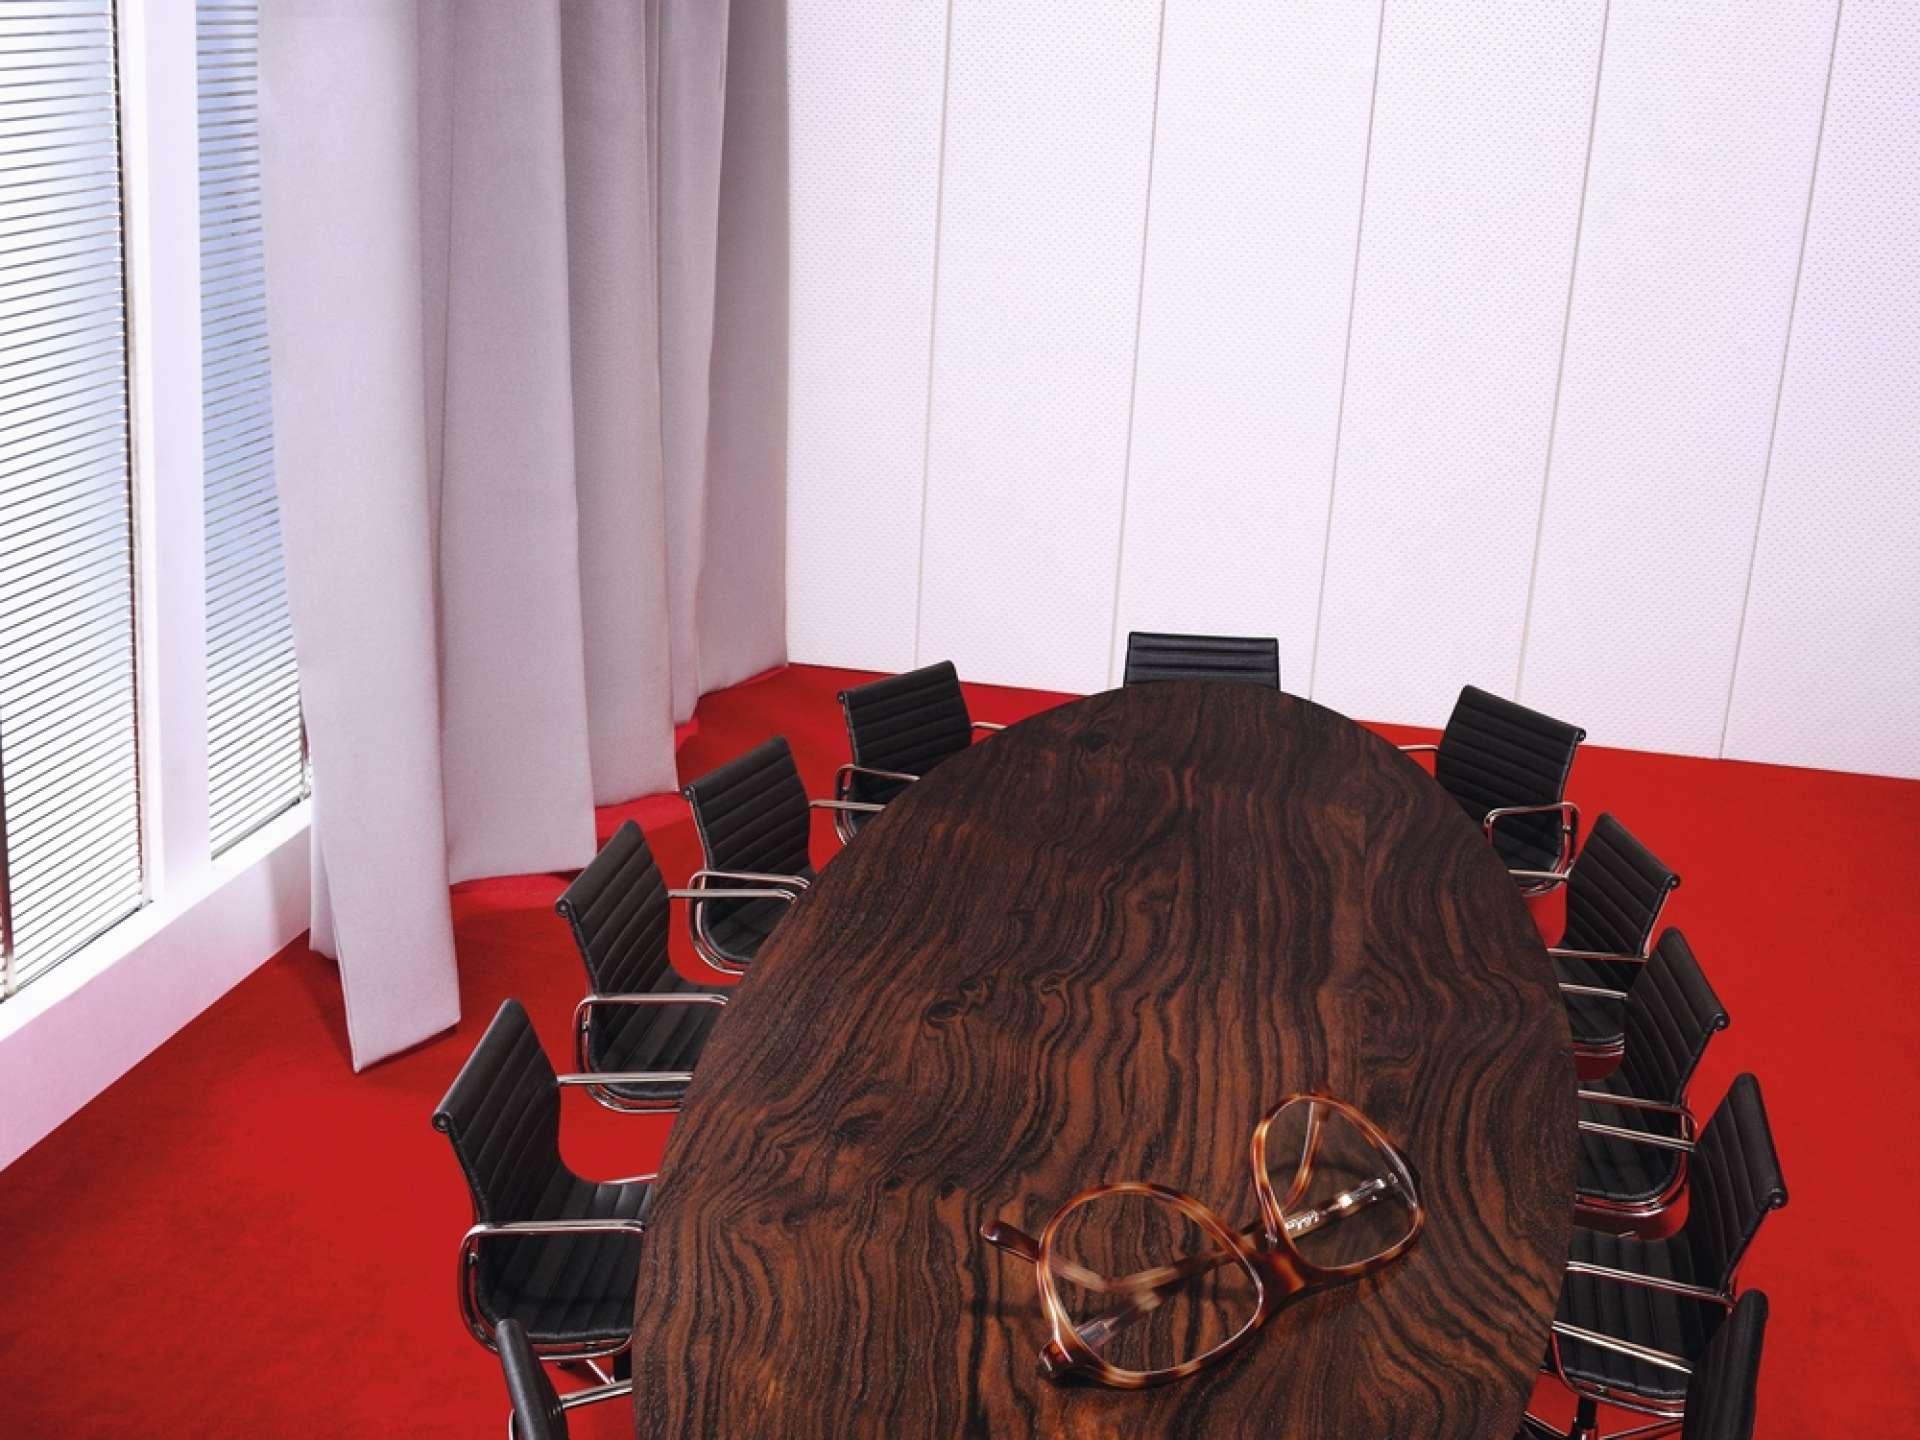 Bureau en ébène de Madagascar, Pierre Guariche, 1969, commande du Mobilier national pour la préfecture de l'Essonne (maquette). Aluminium chair, Charles et Ray Eames, 1958, Vitra (miniatures). Lunettes,  E.B. Meyrowitz.